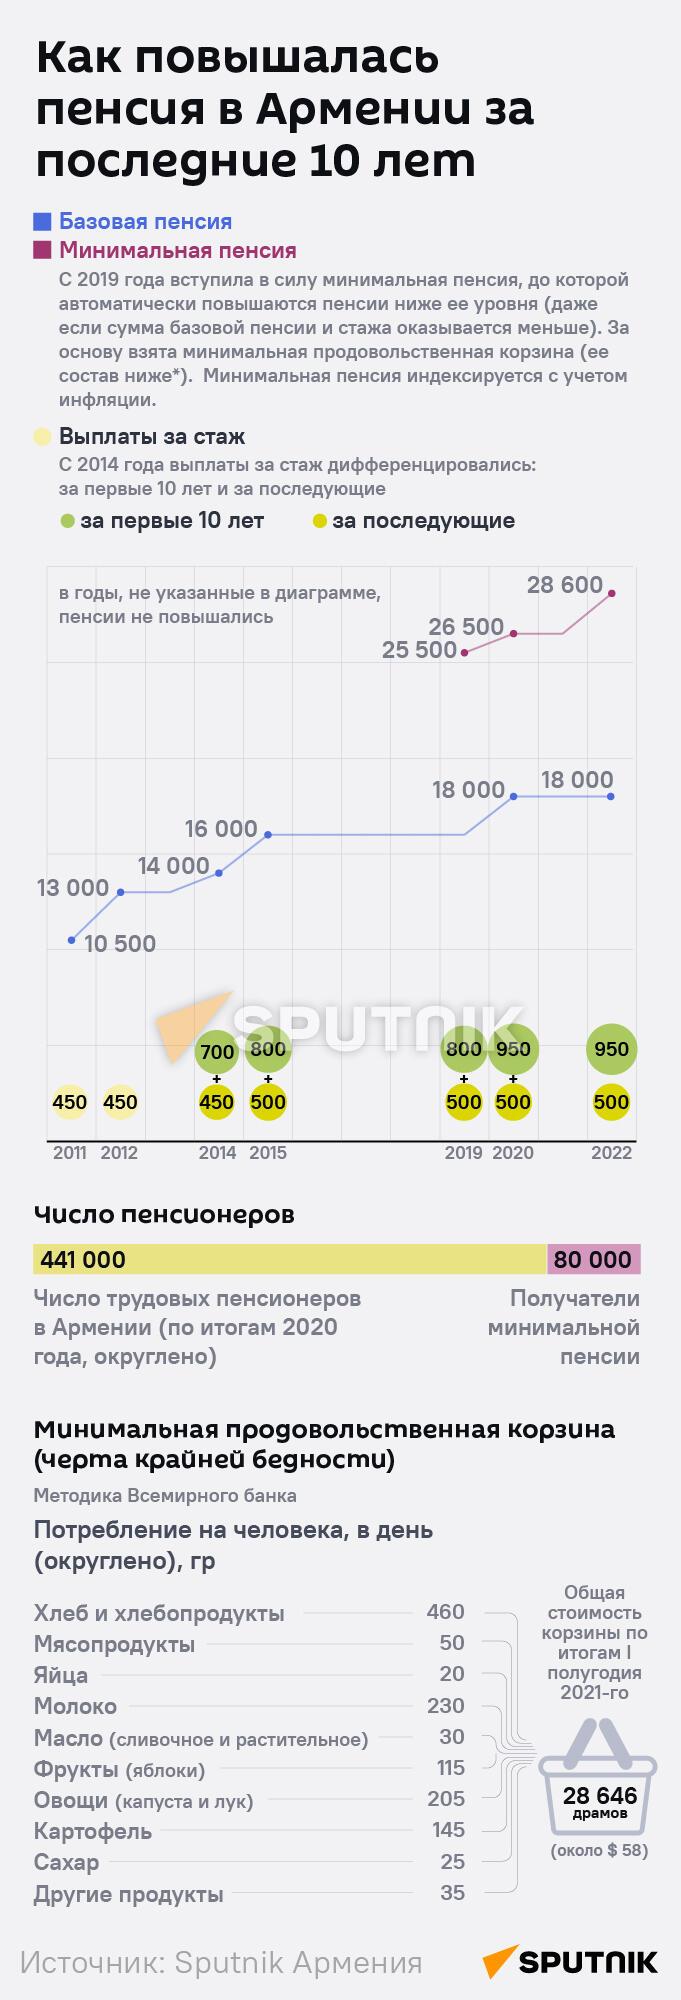 Как повышалась пенсия в Армении за последние 10 лет - Sputnik Армения